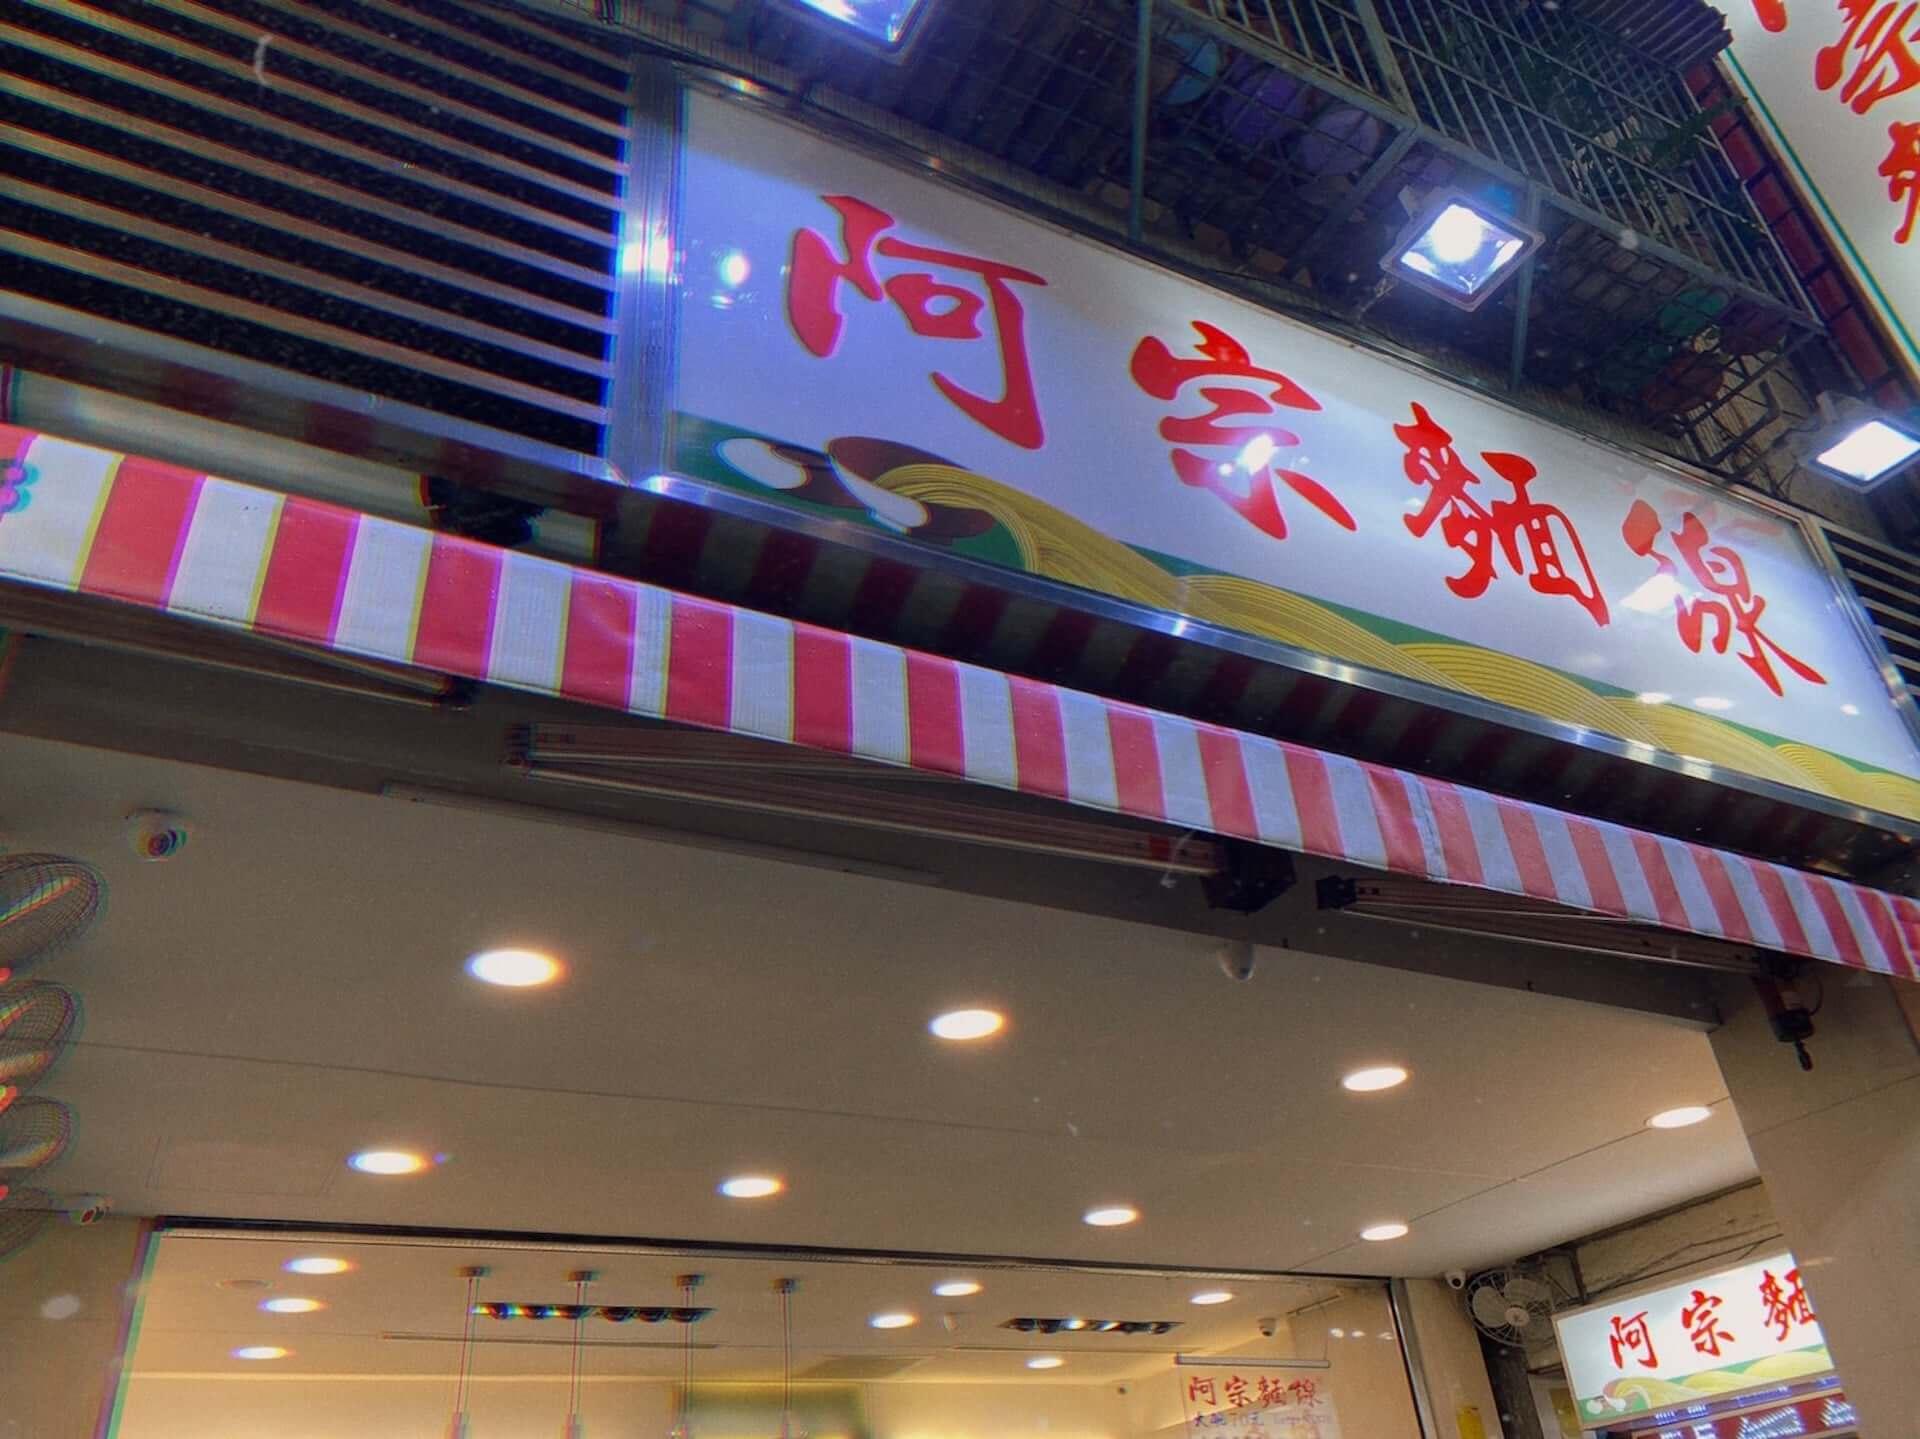 珠 鈴×松㟢翔平 台湾でどこ行く なに食べる?好好台湾対談 interview_shuri_matsuaki_13-1920x1439